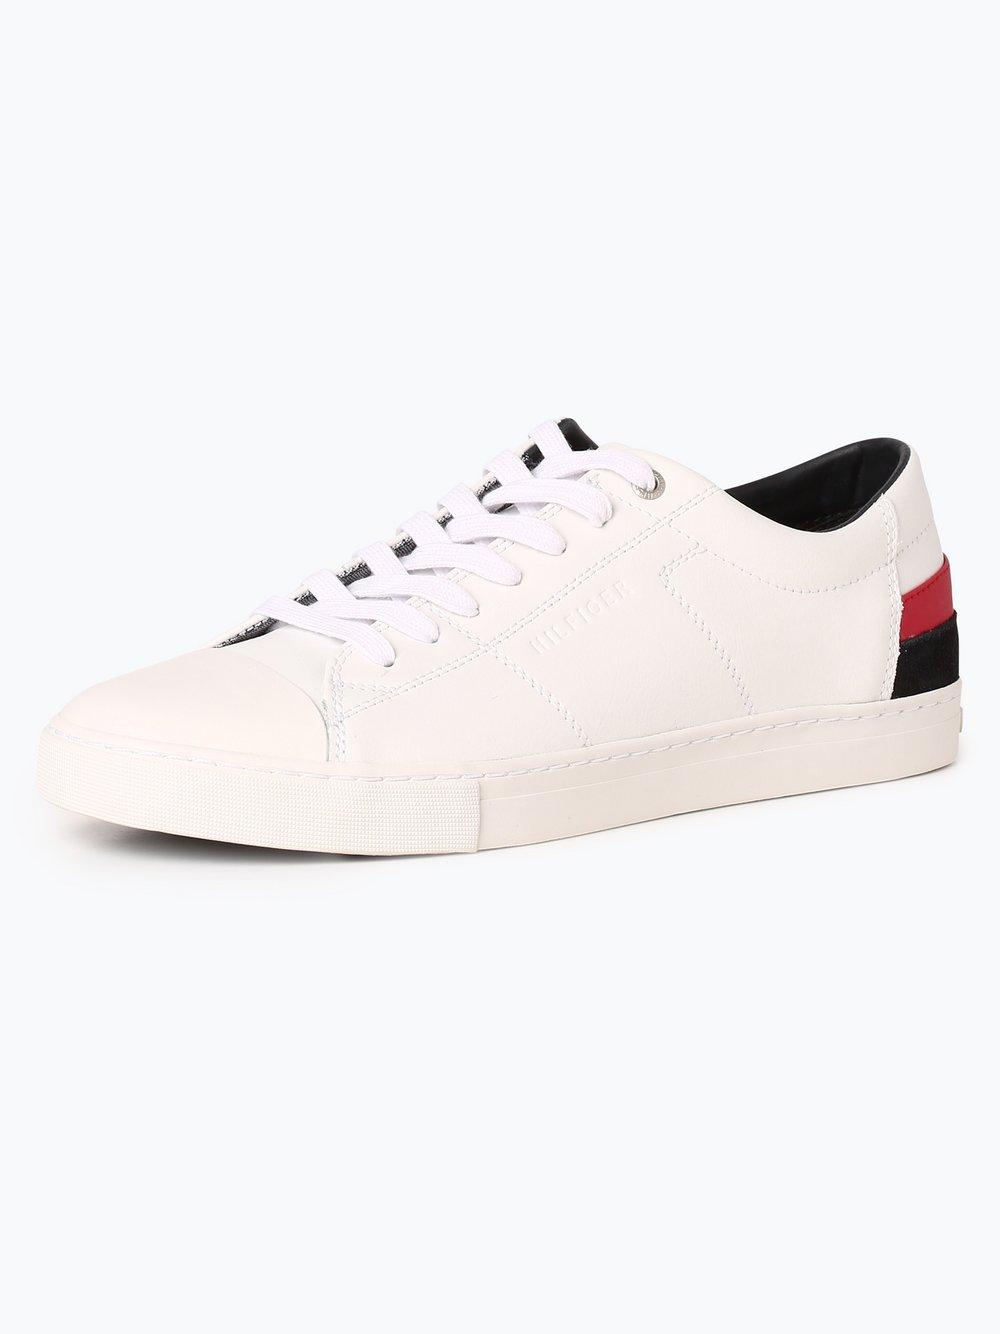 Tommy Hilfiger Herren Sneaker aus Leder - Jay  2  online kaufen ... 041c76f610